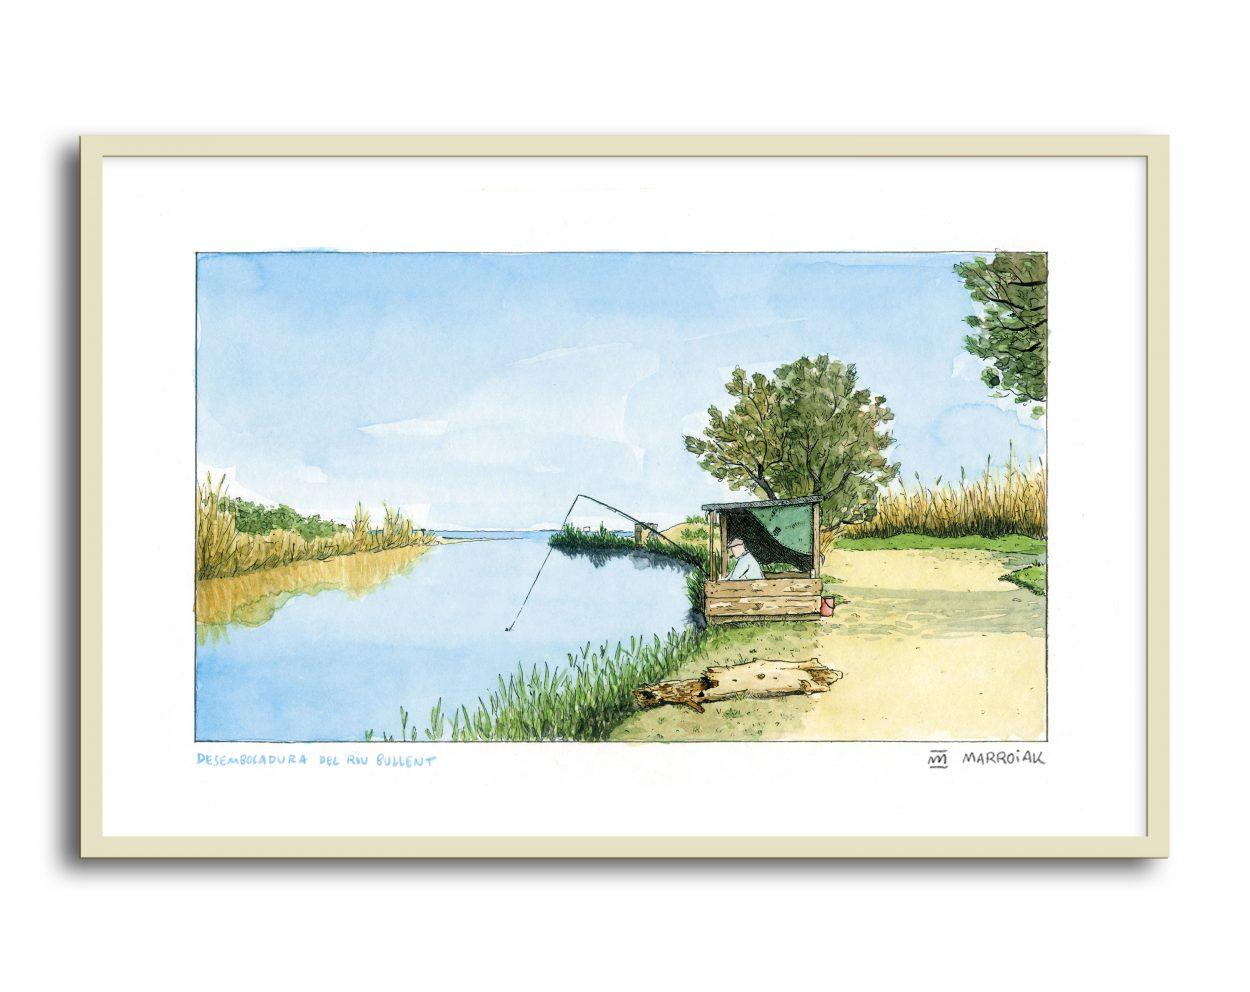 Lámina con una ilustración de la desembocadura del Riu Bullent de Oliva. En la imagen aparece un pescador. Acuarela y tinta sobre papel. Paisaje, urban sketchers, pintura.